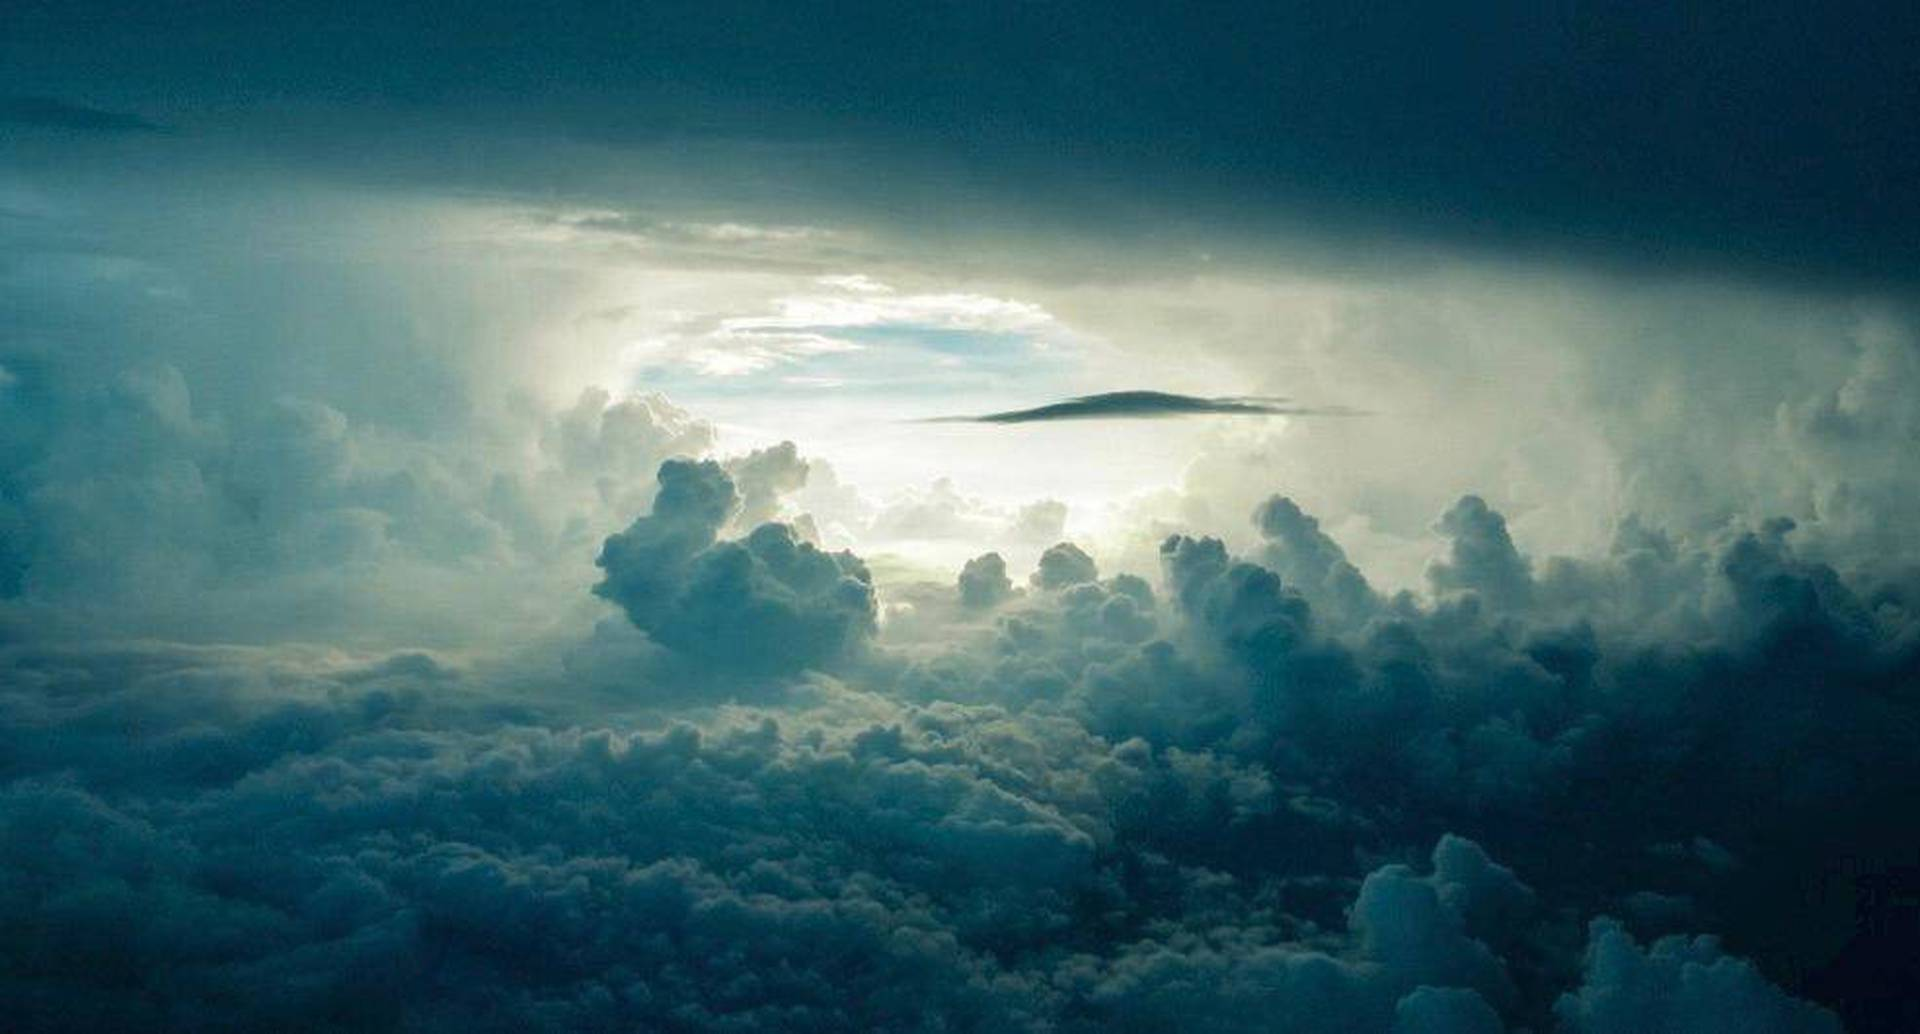 Imagen de referencia sobre el cielo